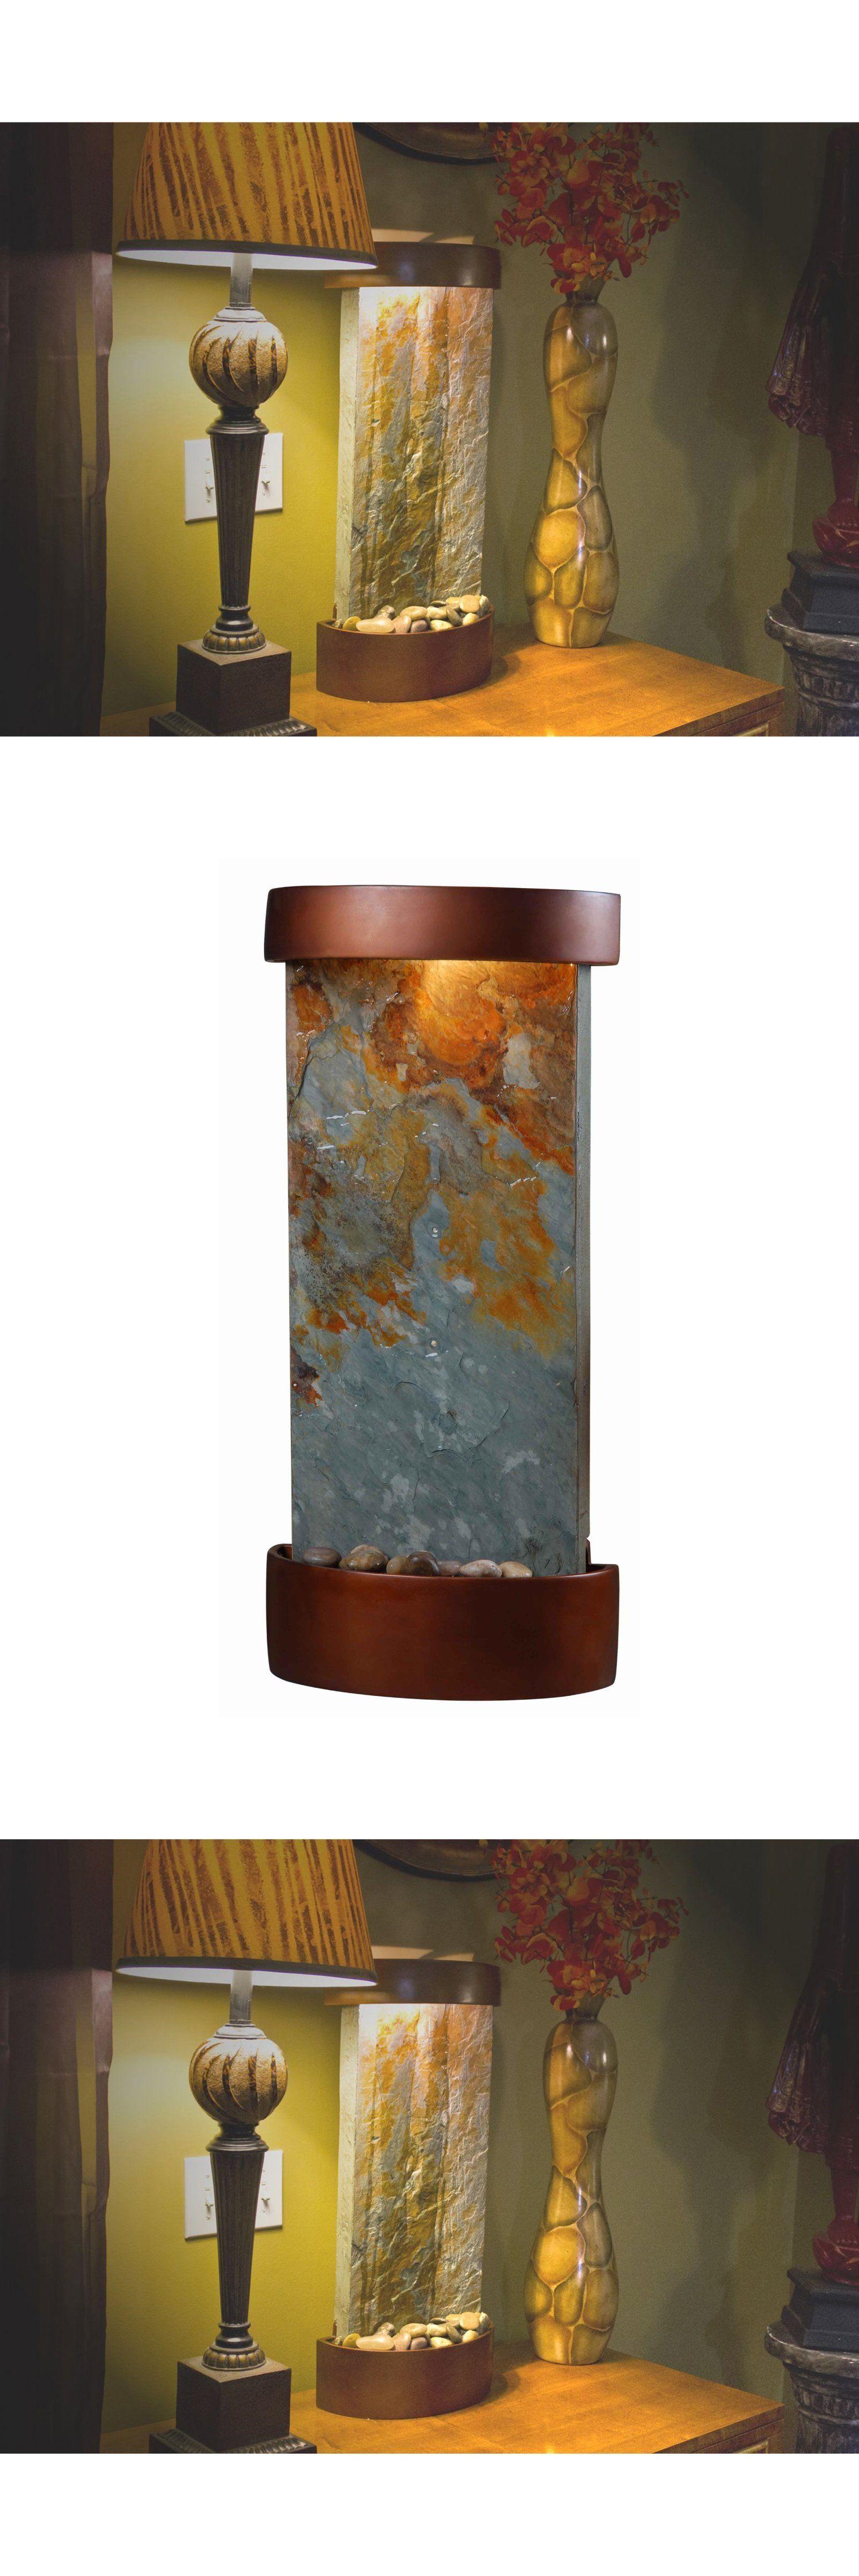 Indoor fountains 20569 indoor water fountain wall table mounted indoor fountains 20569 indoor water fountain wall table mounted lighted waterfall slate stone copper workwithnaturefo